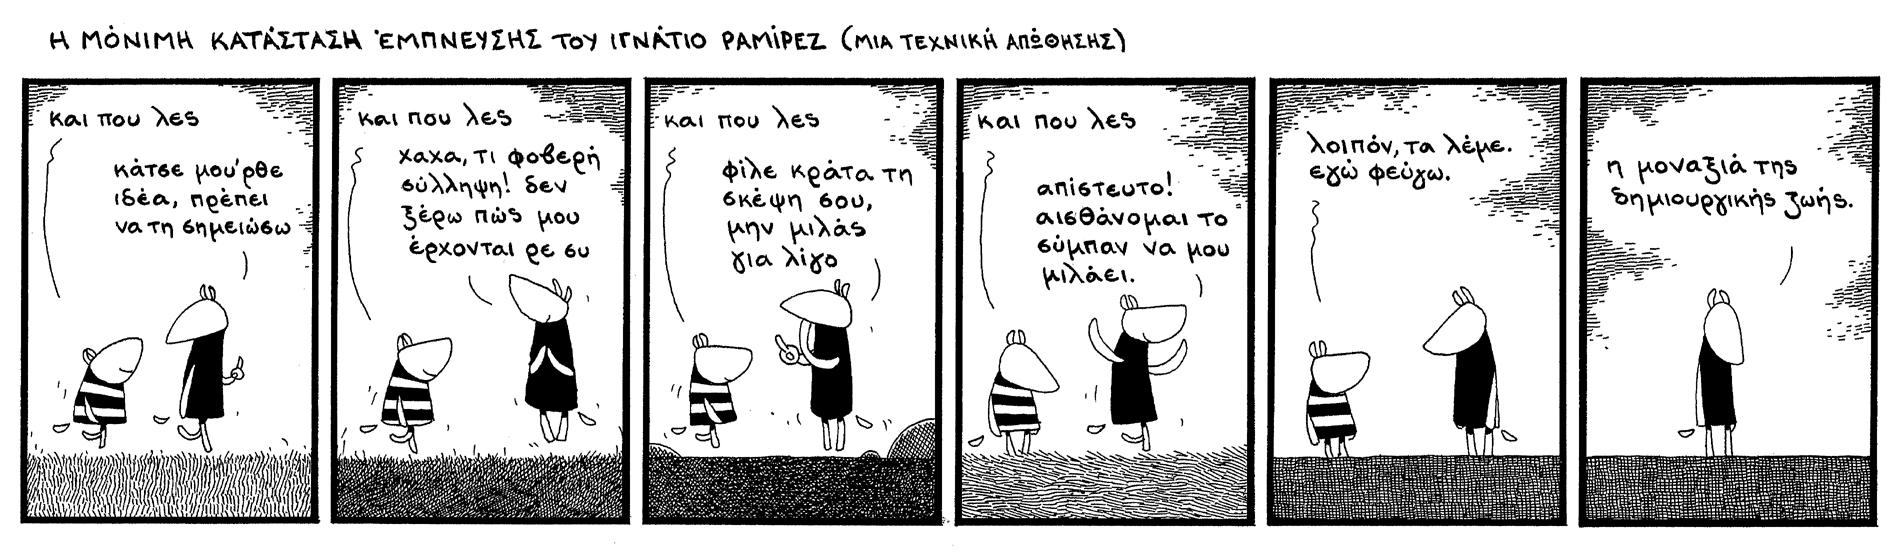 ignatio ramirez_